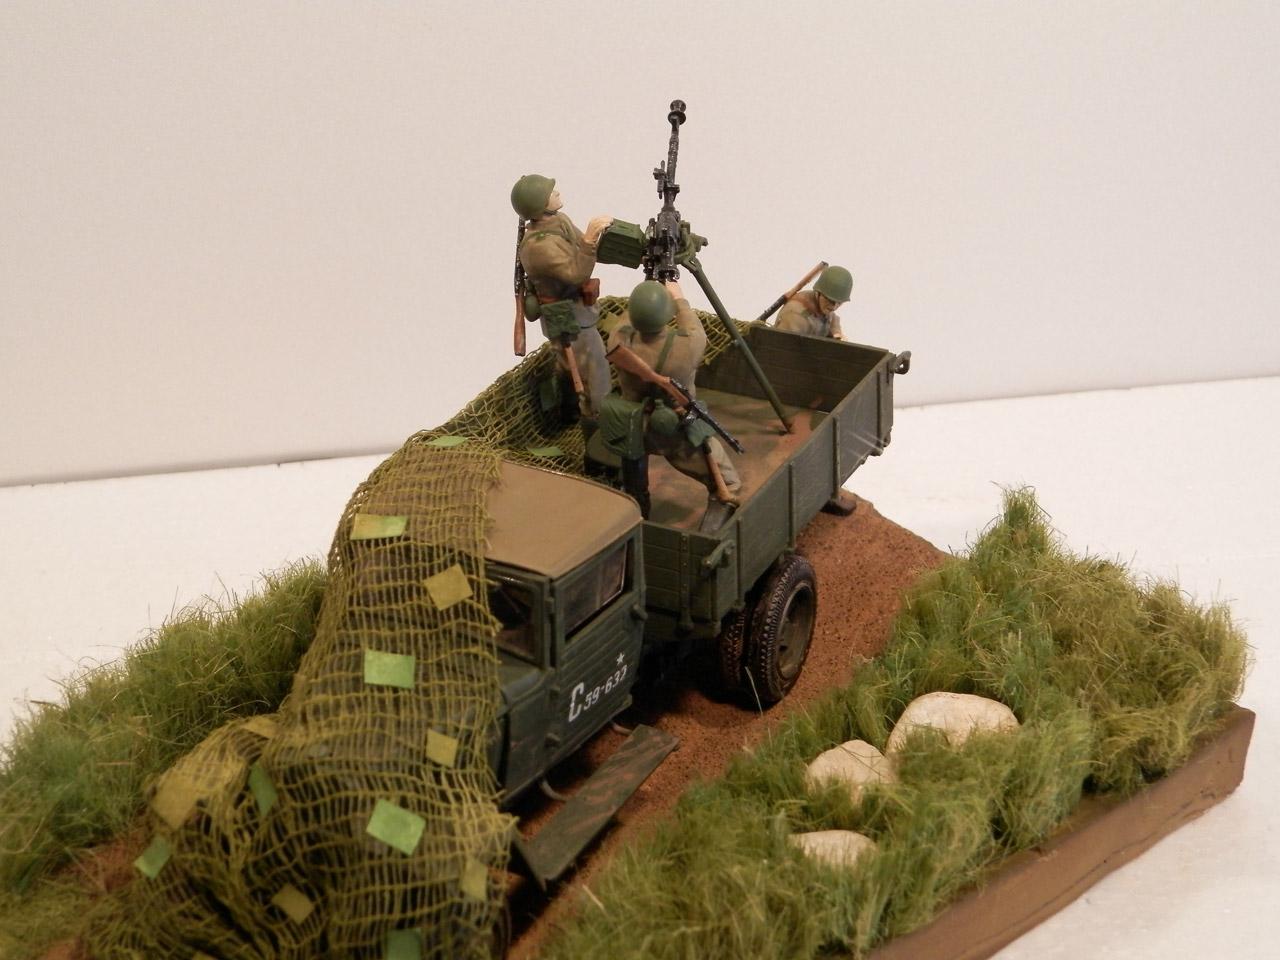 Training Grounds: Enemy plane!, photo #3